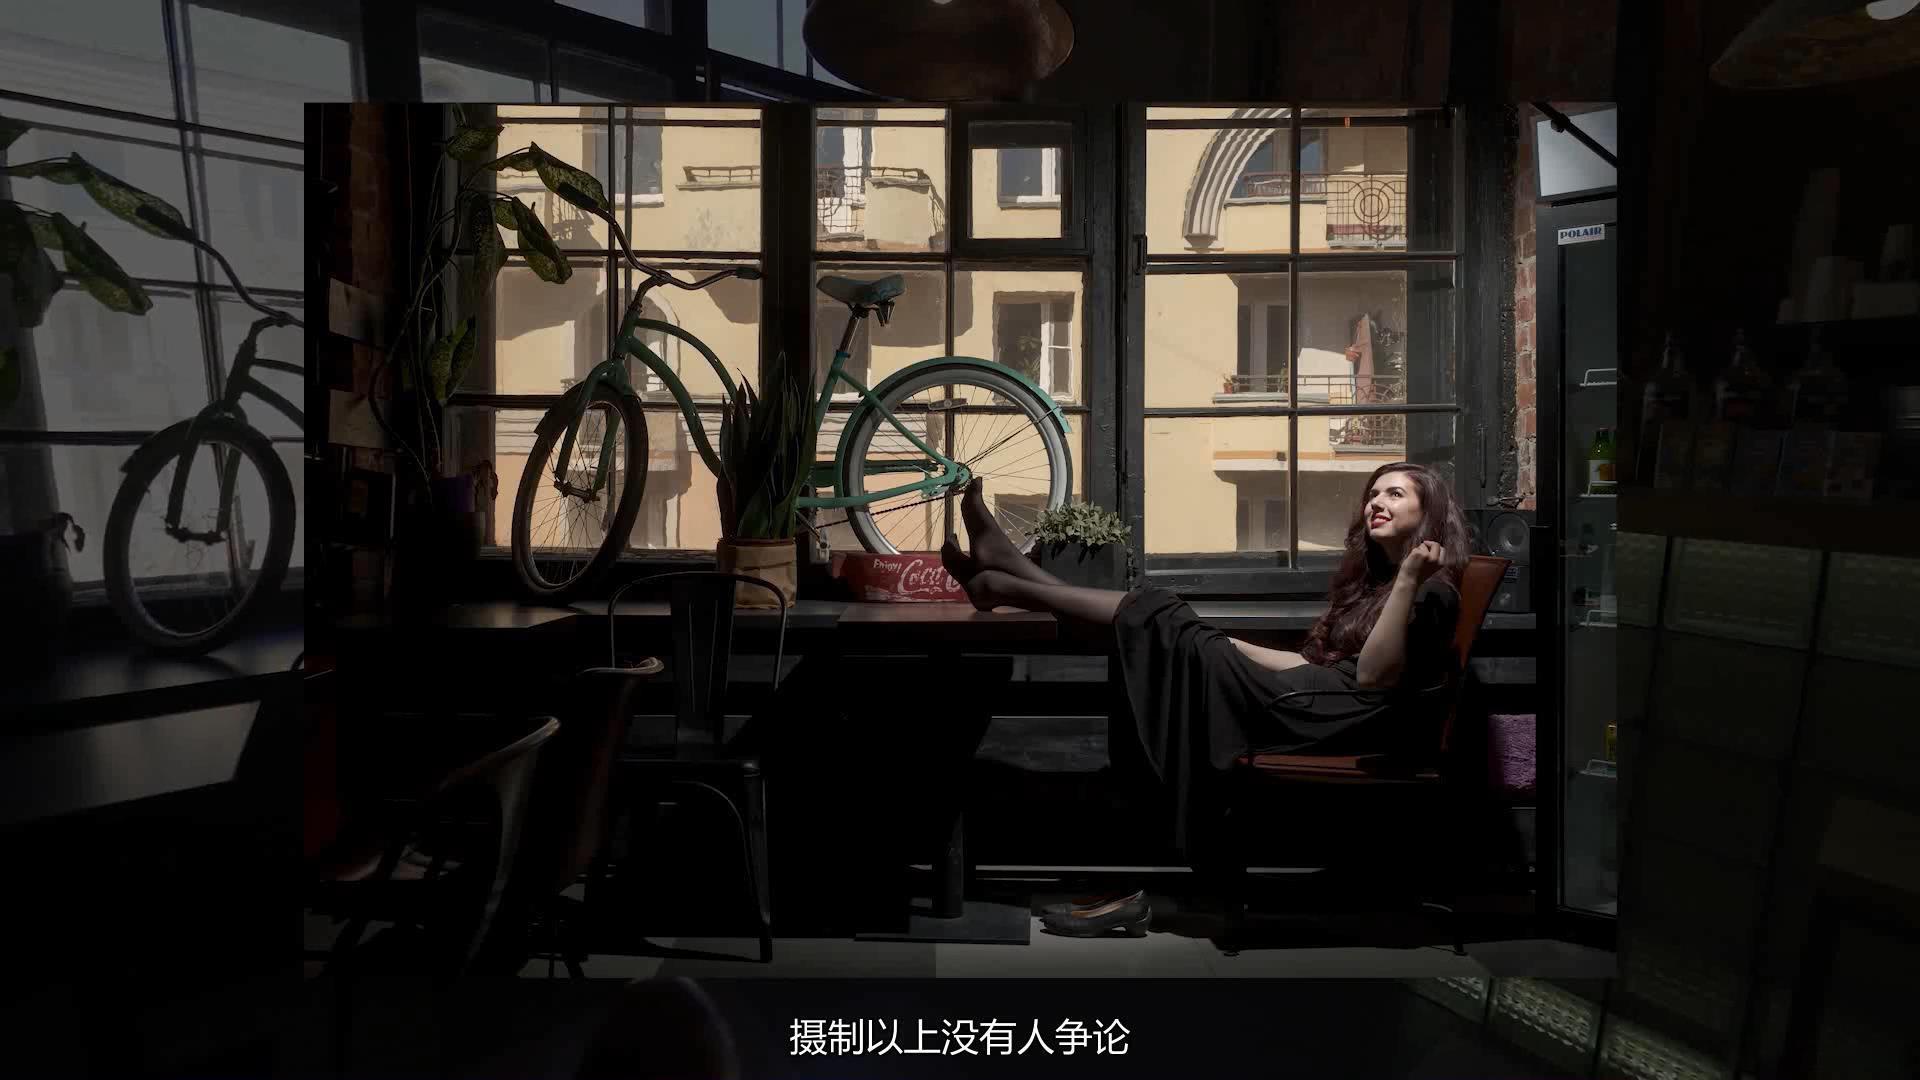 摄影教程_Alexey Gaidin实践30多种人造光闪光灯摄影布光教程-中文字幕 摄影教程 _预览图16